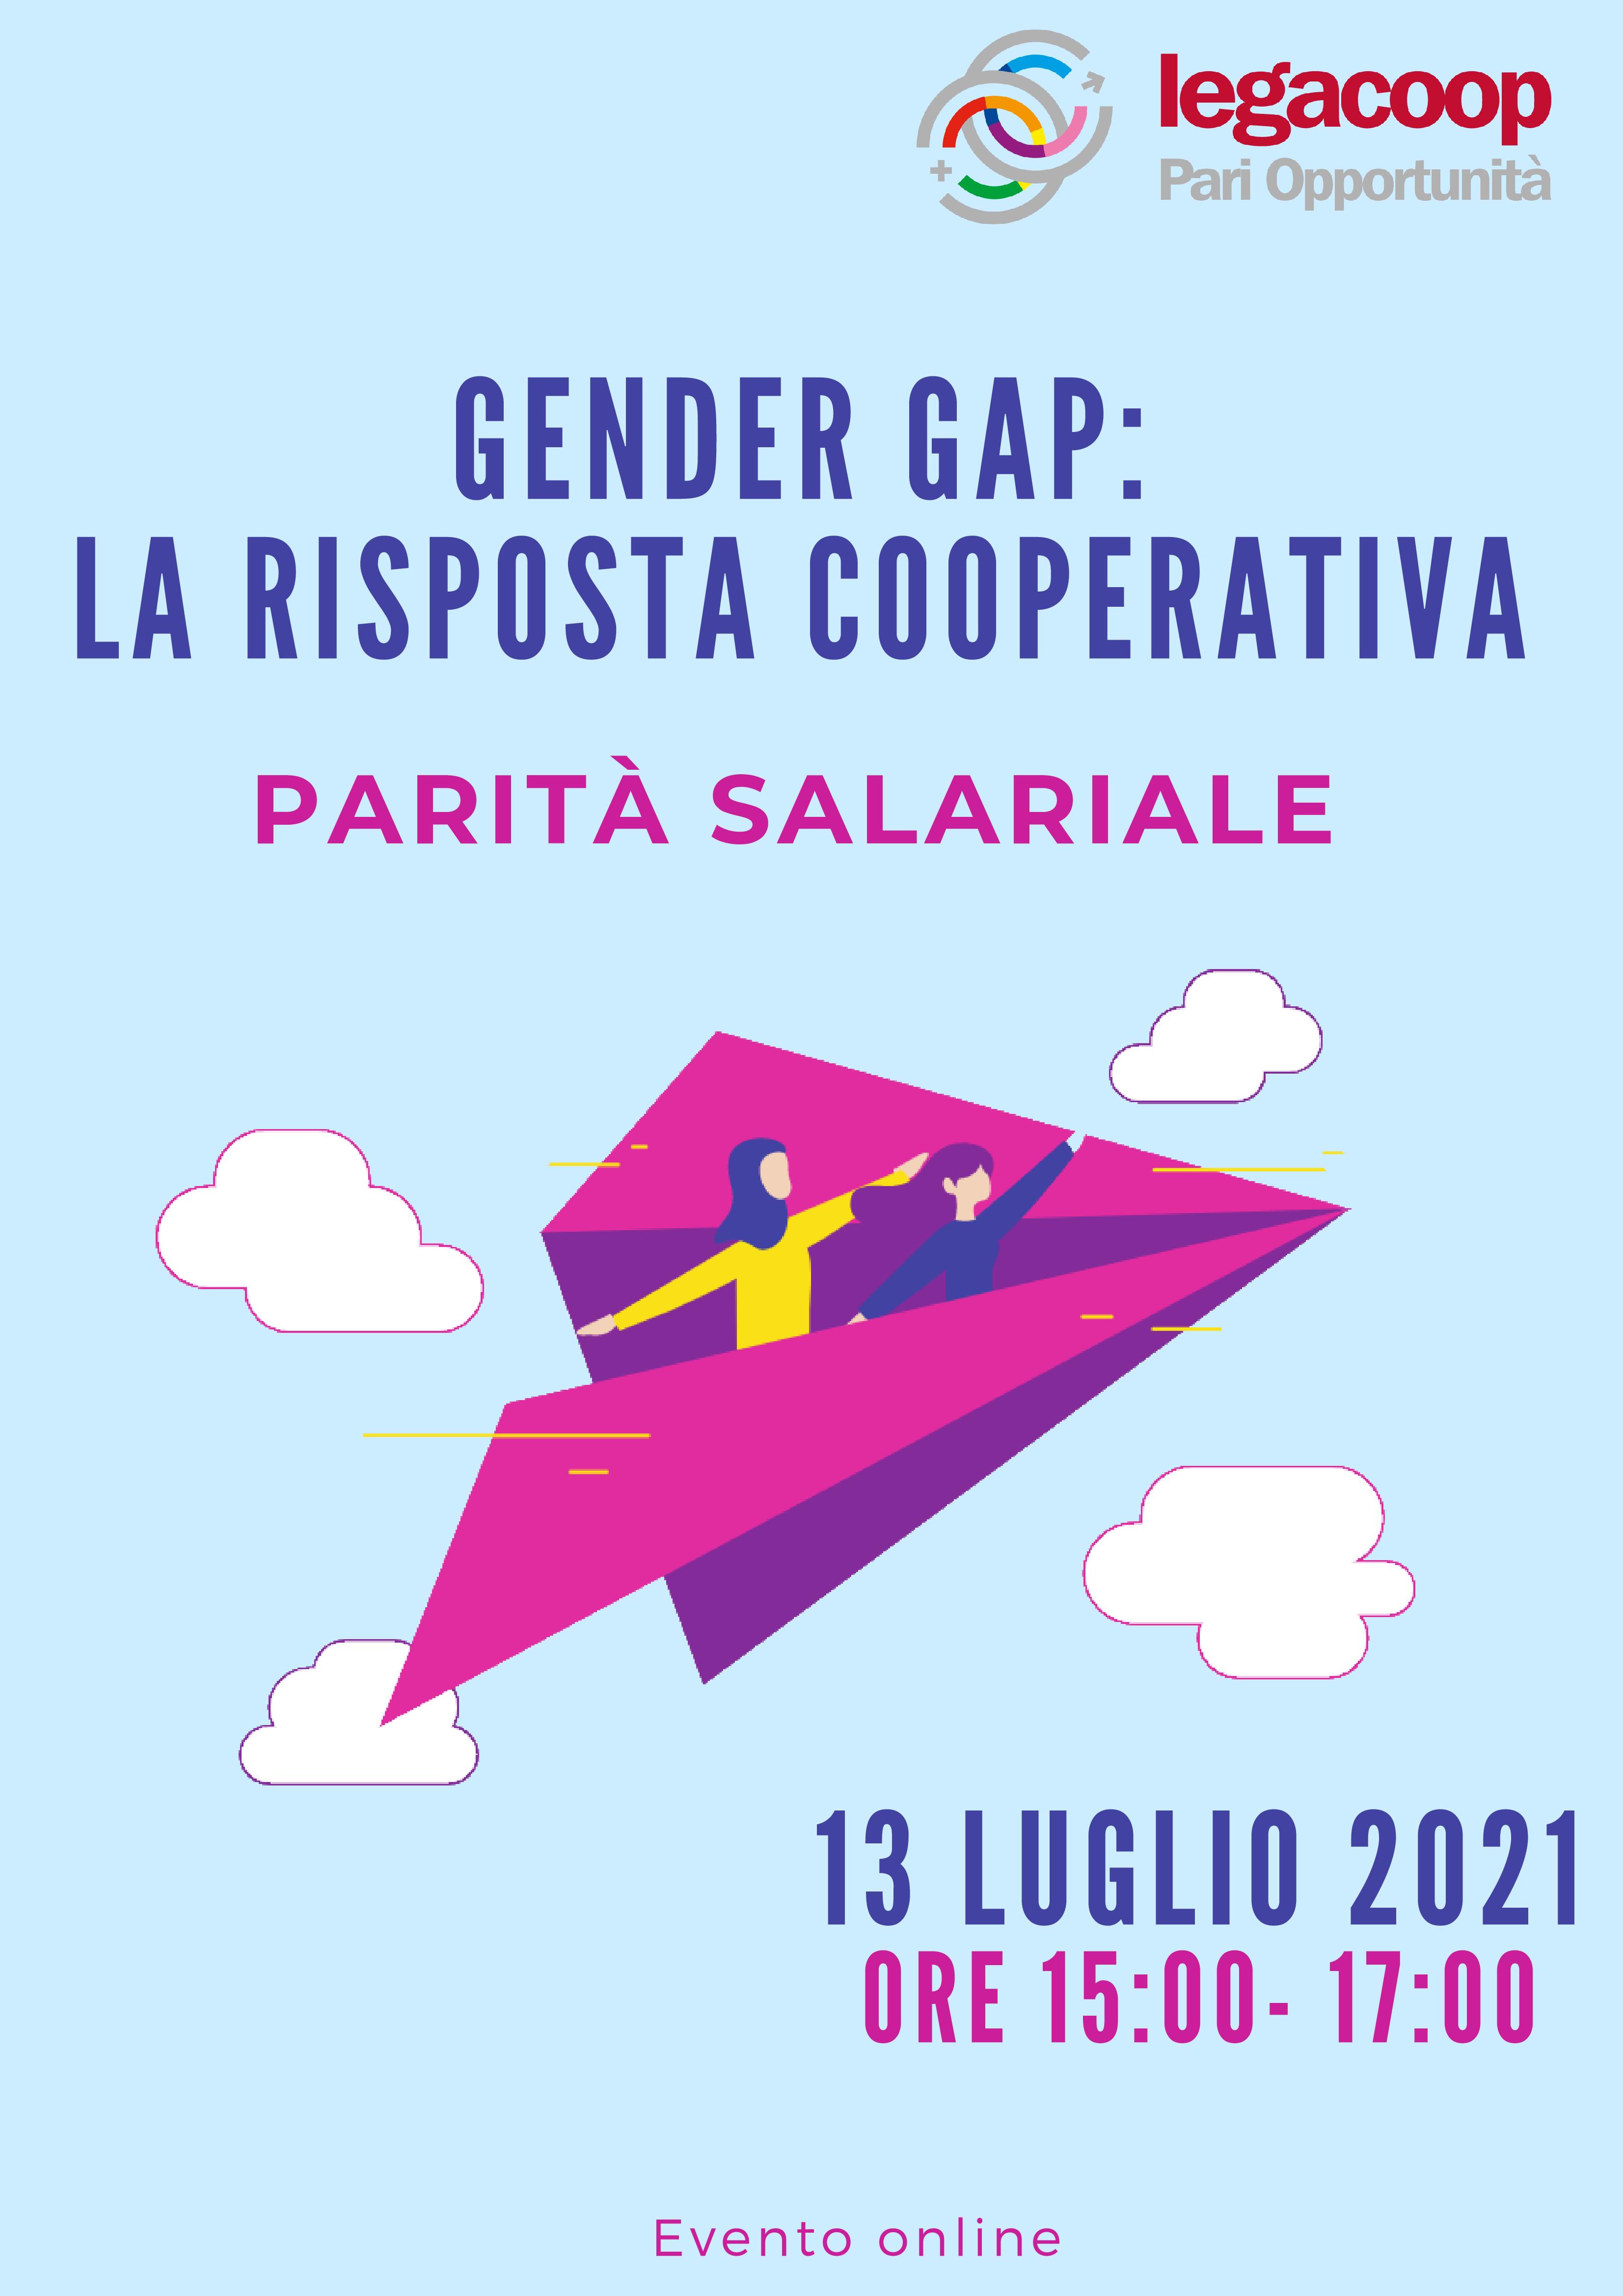 Save the Date 13 Luglio 2021 : Incontro sulla parità salariale